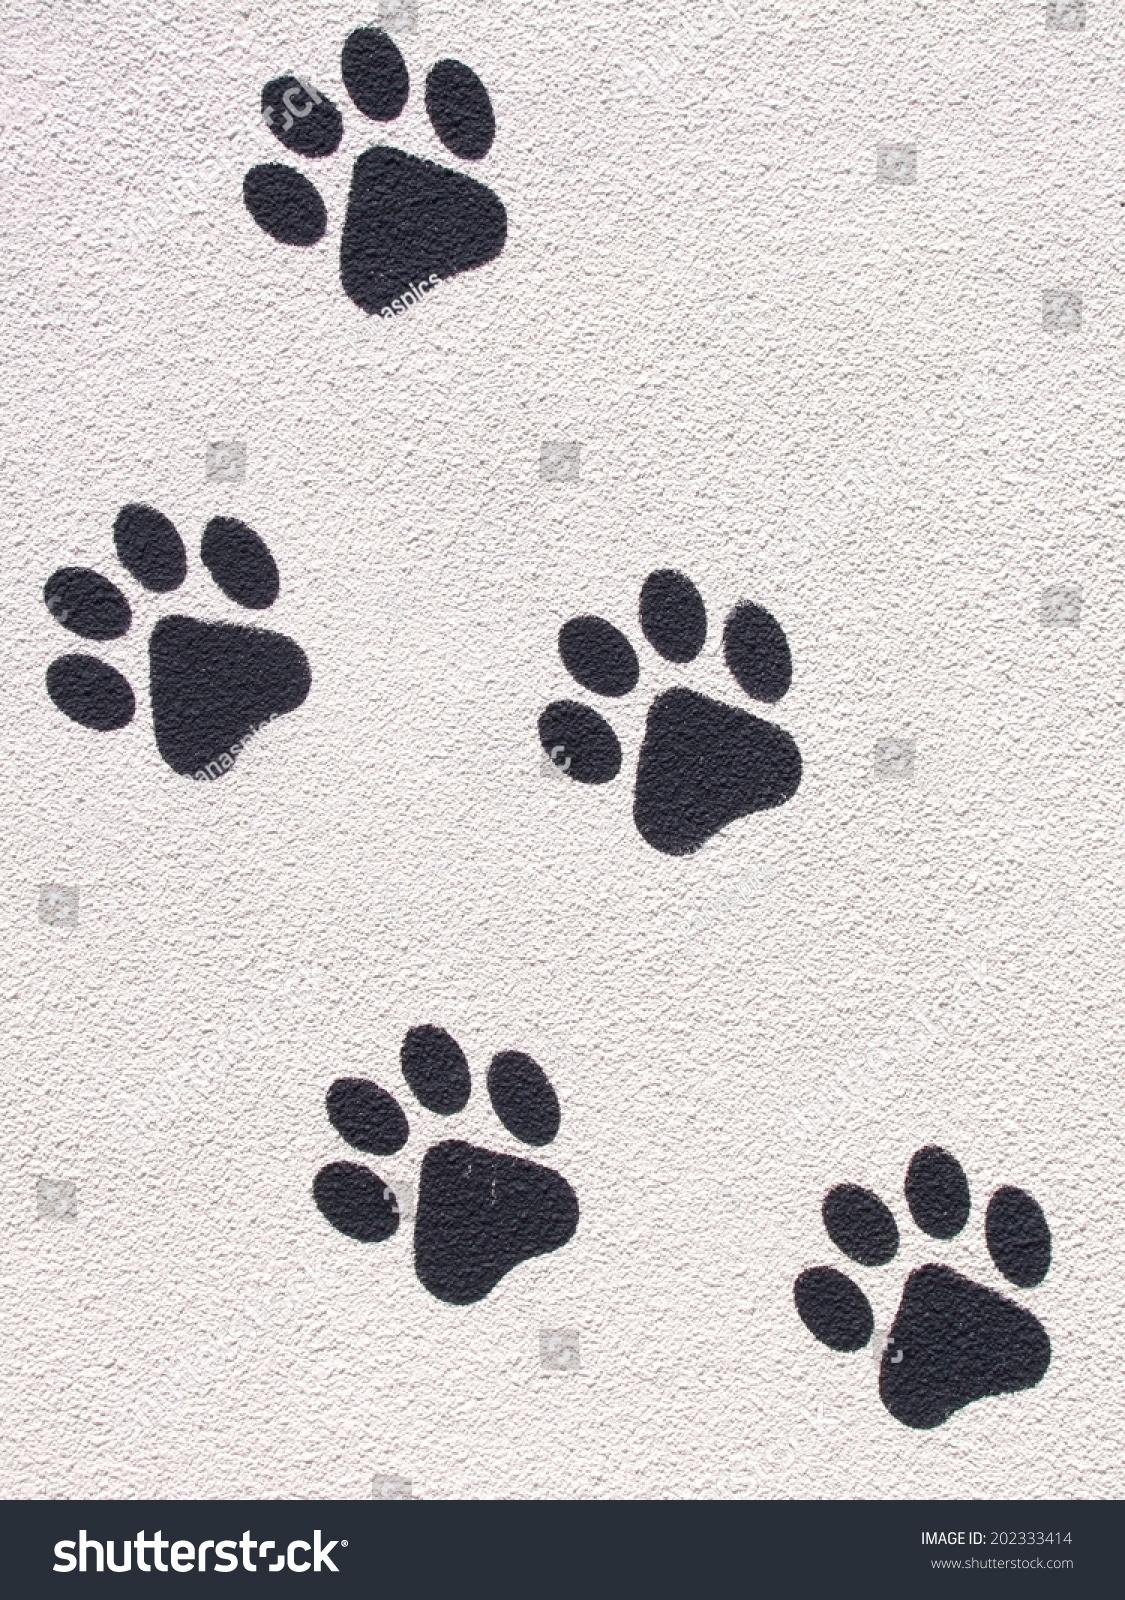 动物的脚印-动物/野生生物,符号/标志-海洛创意()-合.